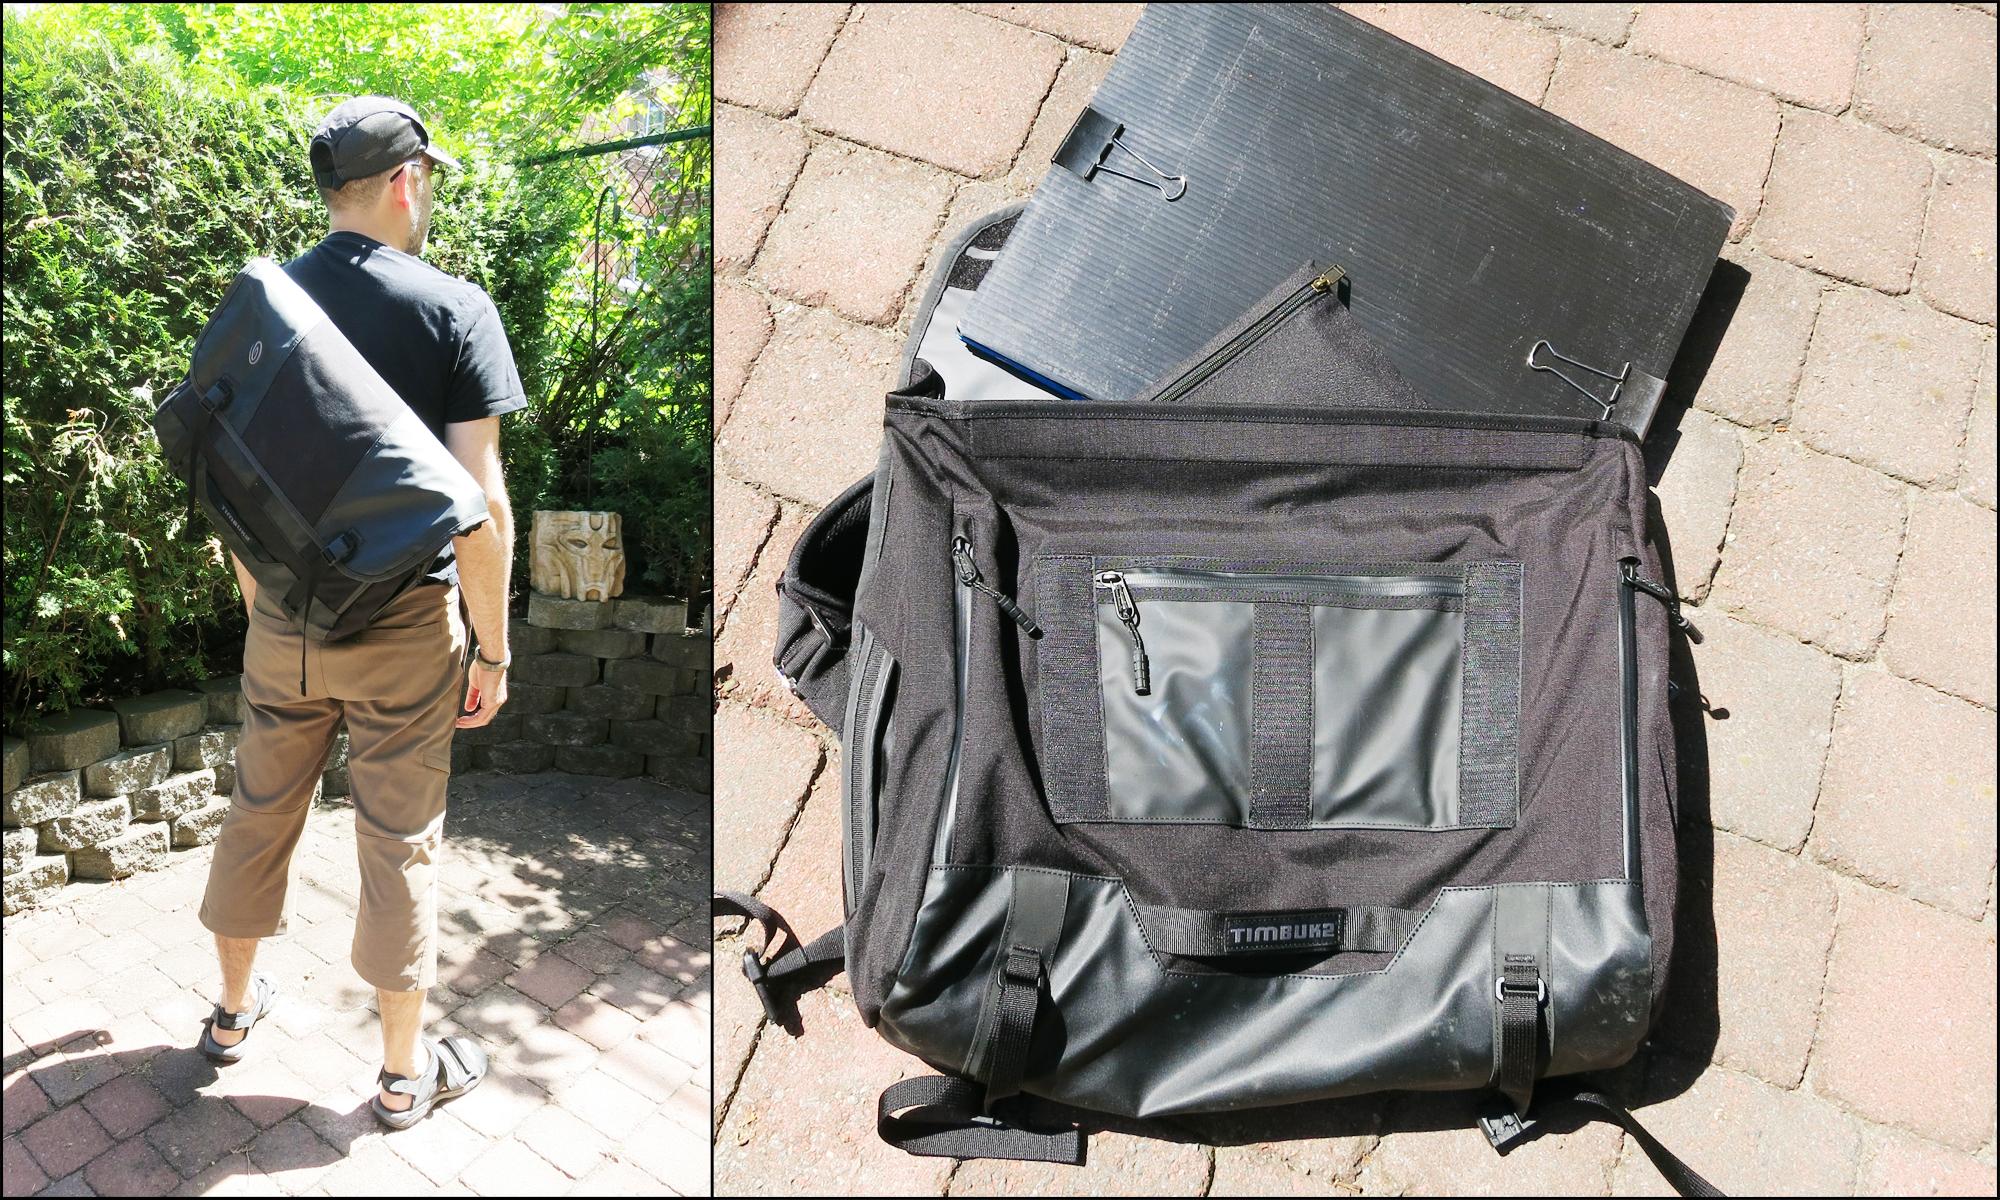 da85ad1ba8 ... Timbuk2 Designs Especial Cycling Messenger Bag · Timbuk2 Especial